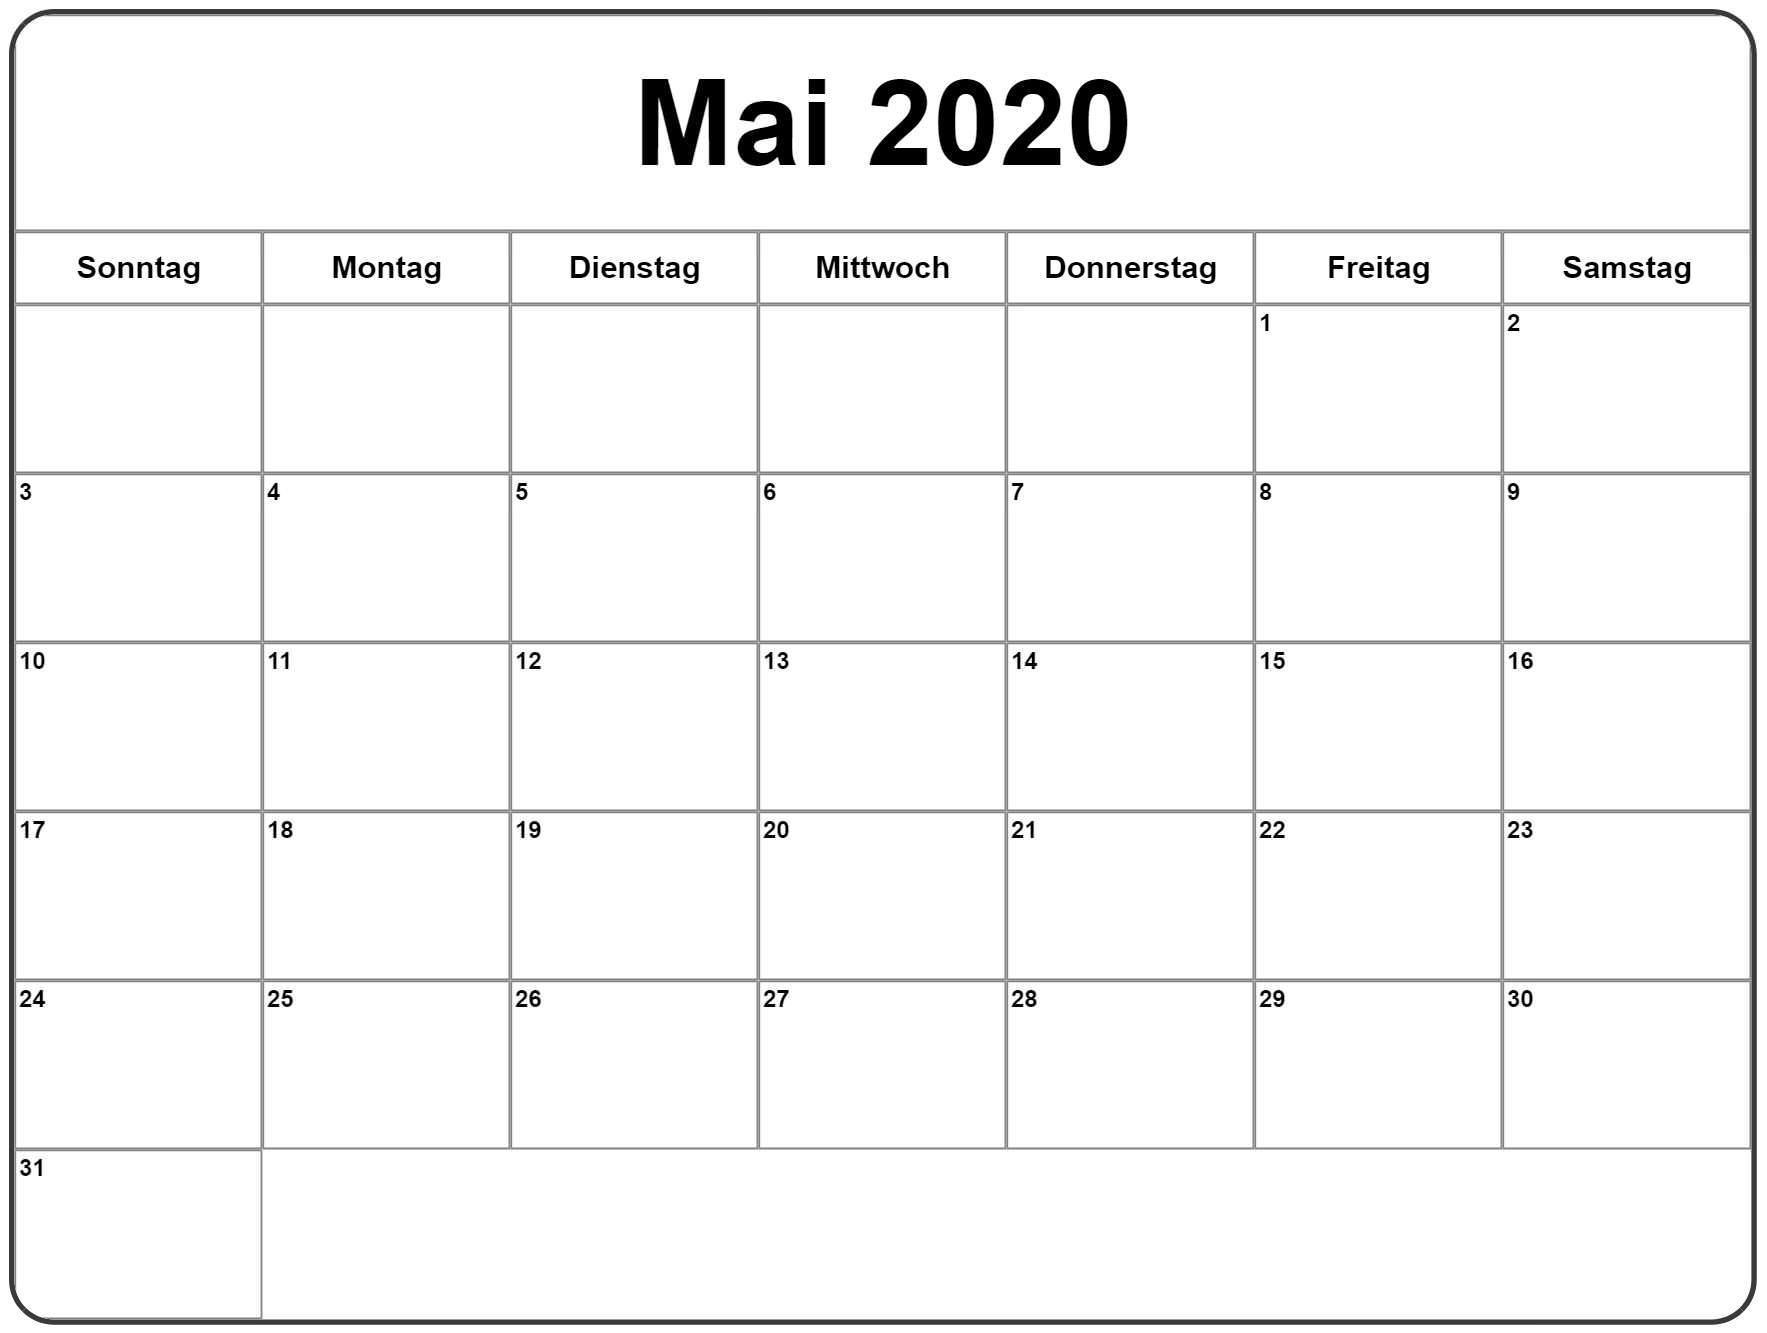 Mai 2020 Leerer Kalender